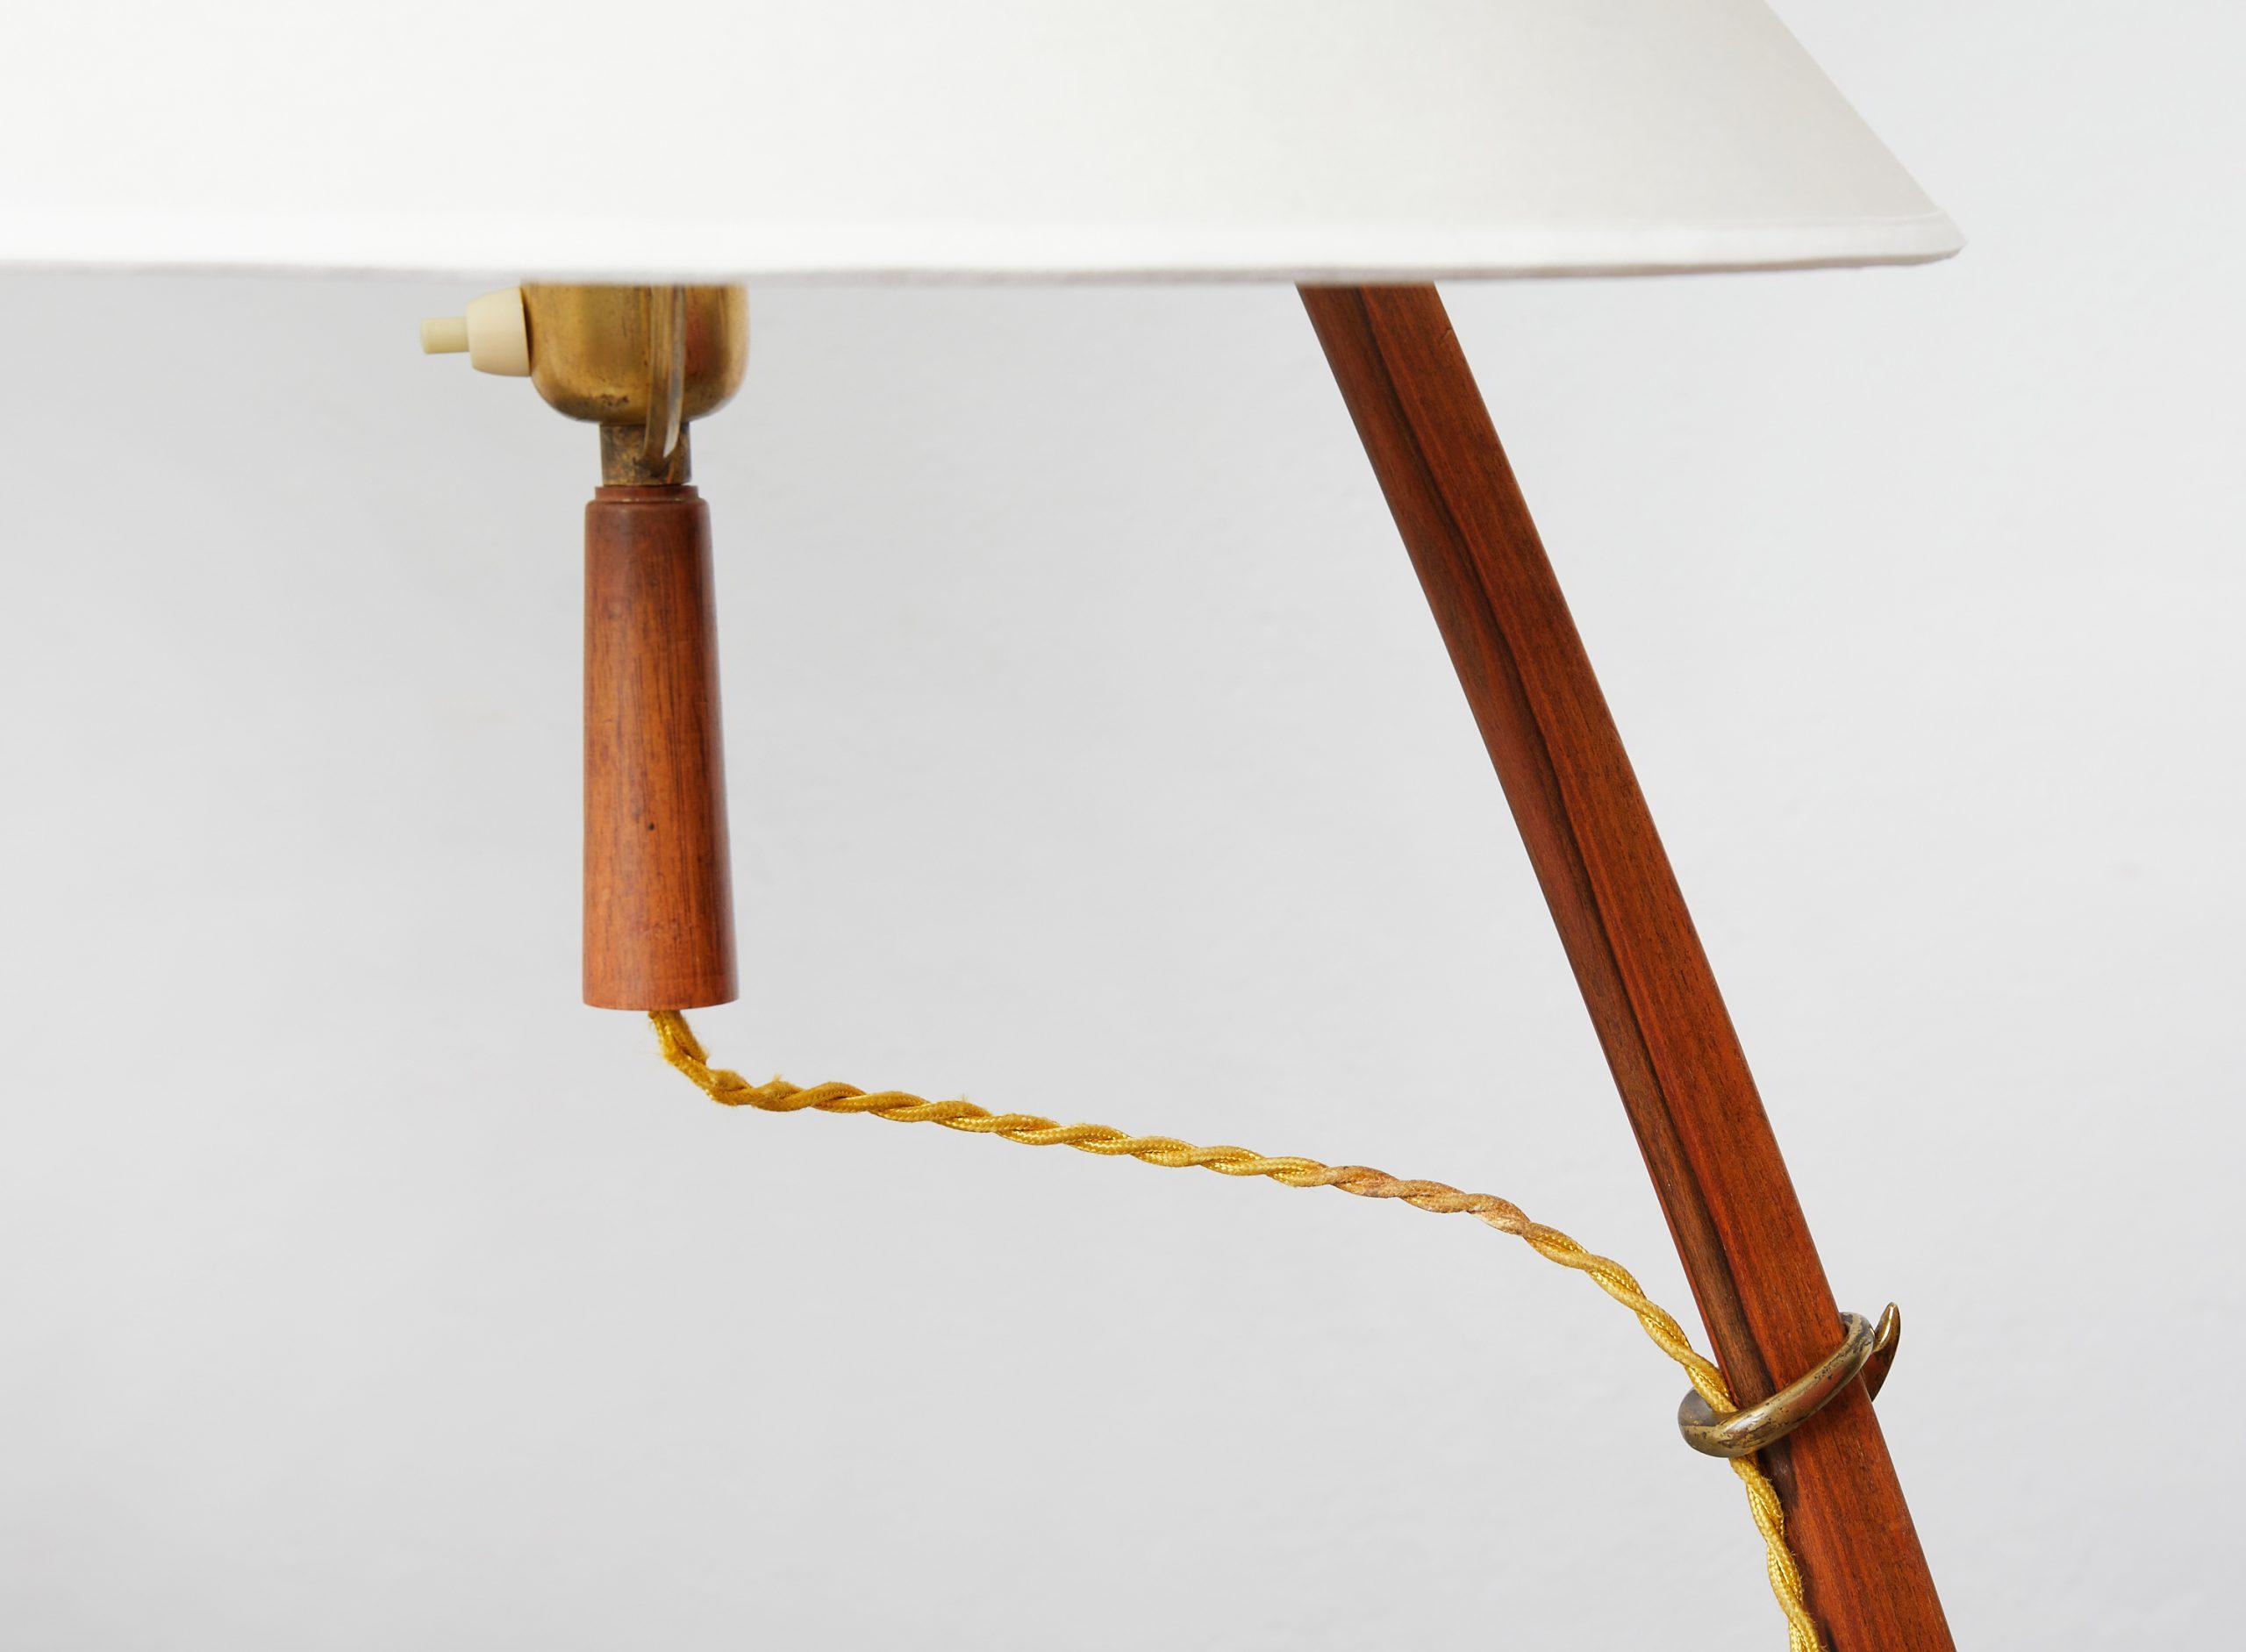 model-2076-ordornstab-floor-lamp-in-teak-and-brass-by-j-t-kalmar-1950-image-05